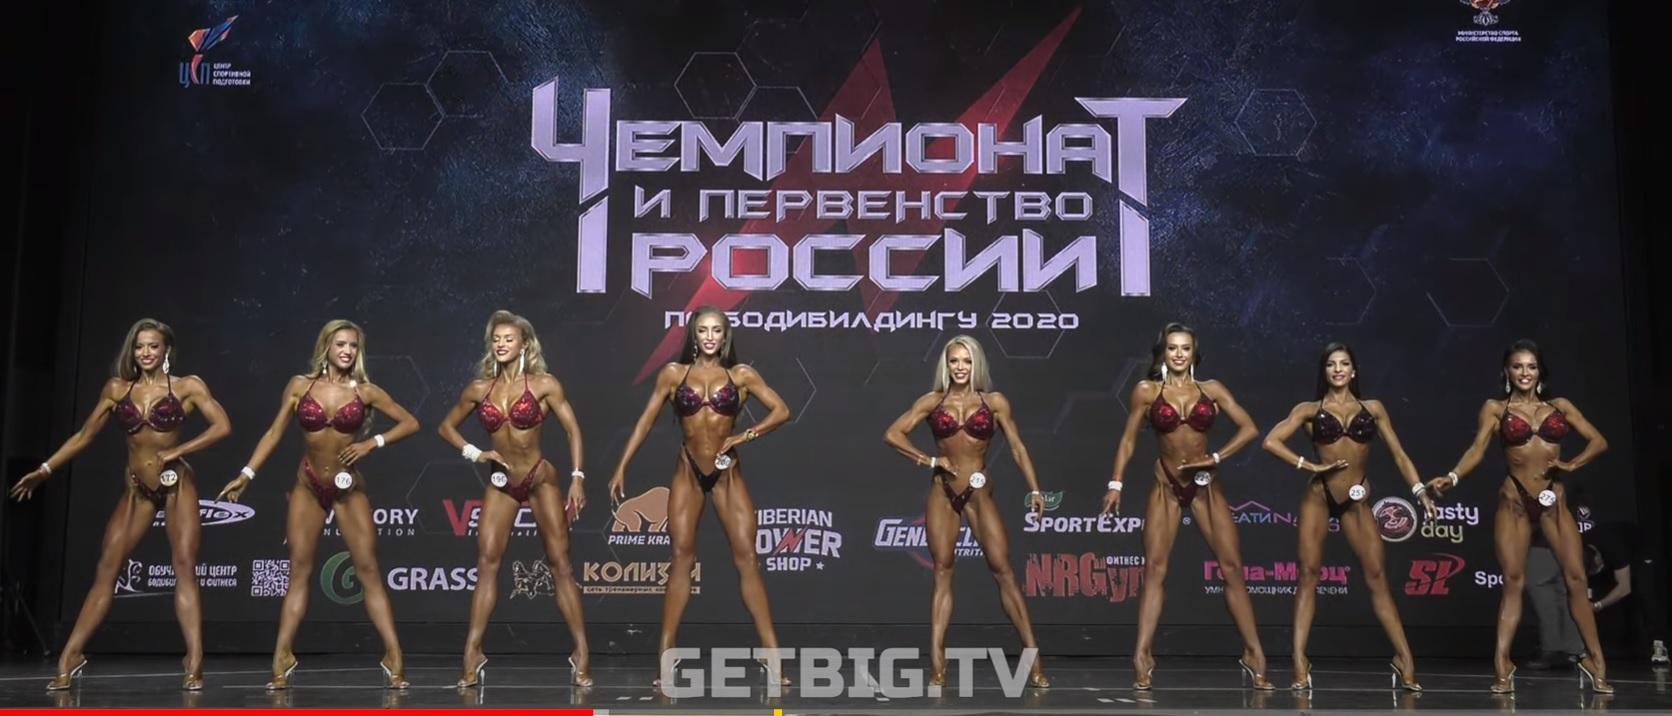 Иркутские спортсменки выиграли две медали на чемпионате России по бодибилдингу